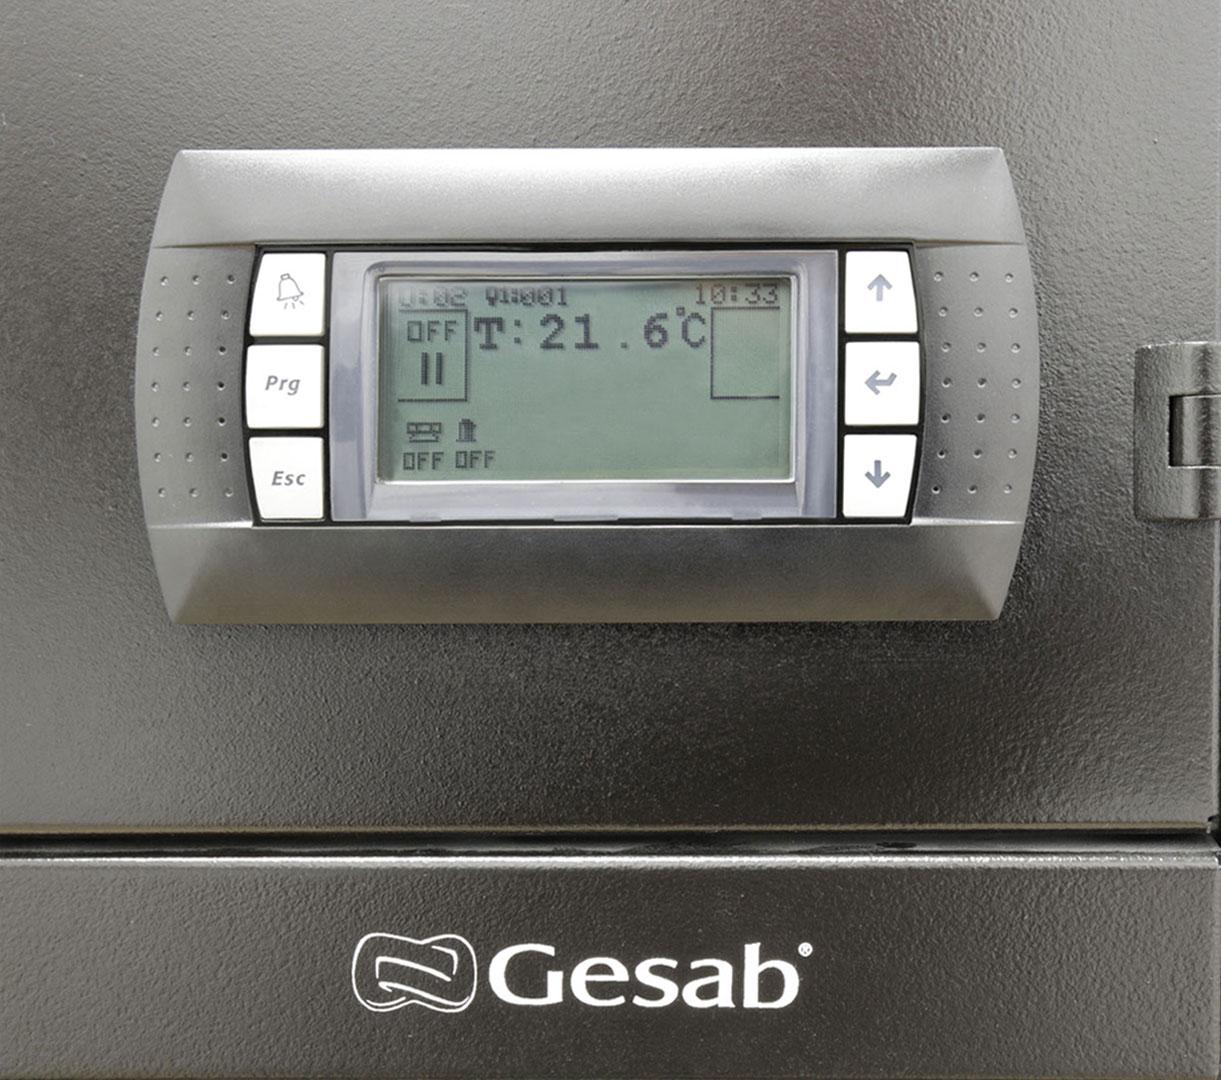 Climatización In Row para Centros de Proceso de Datos CPD data center de GESAB